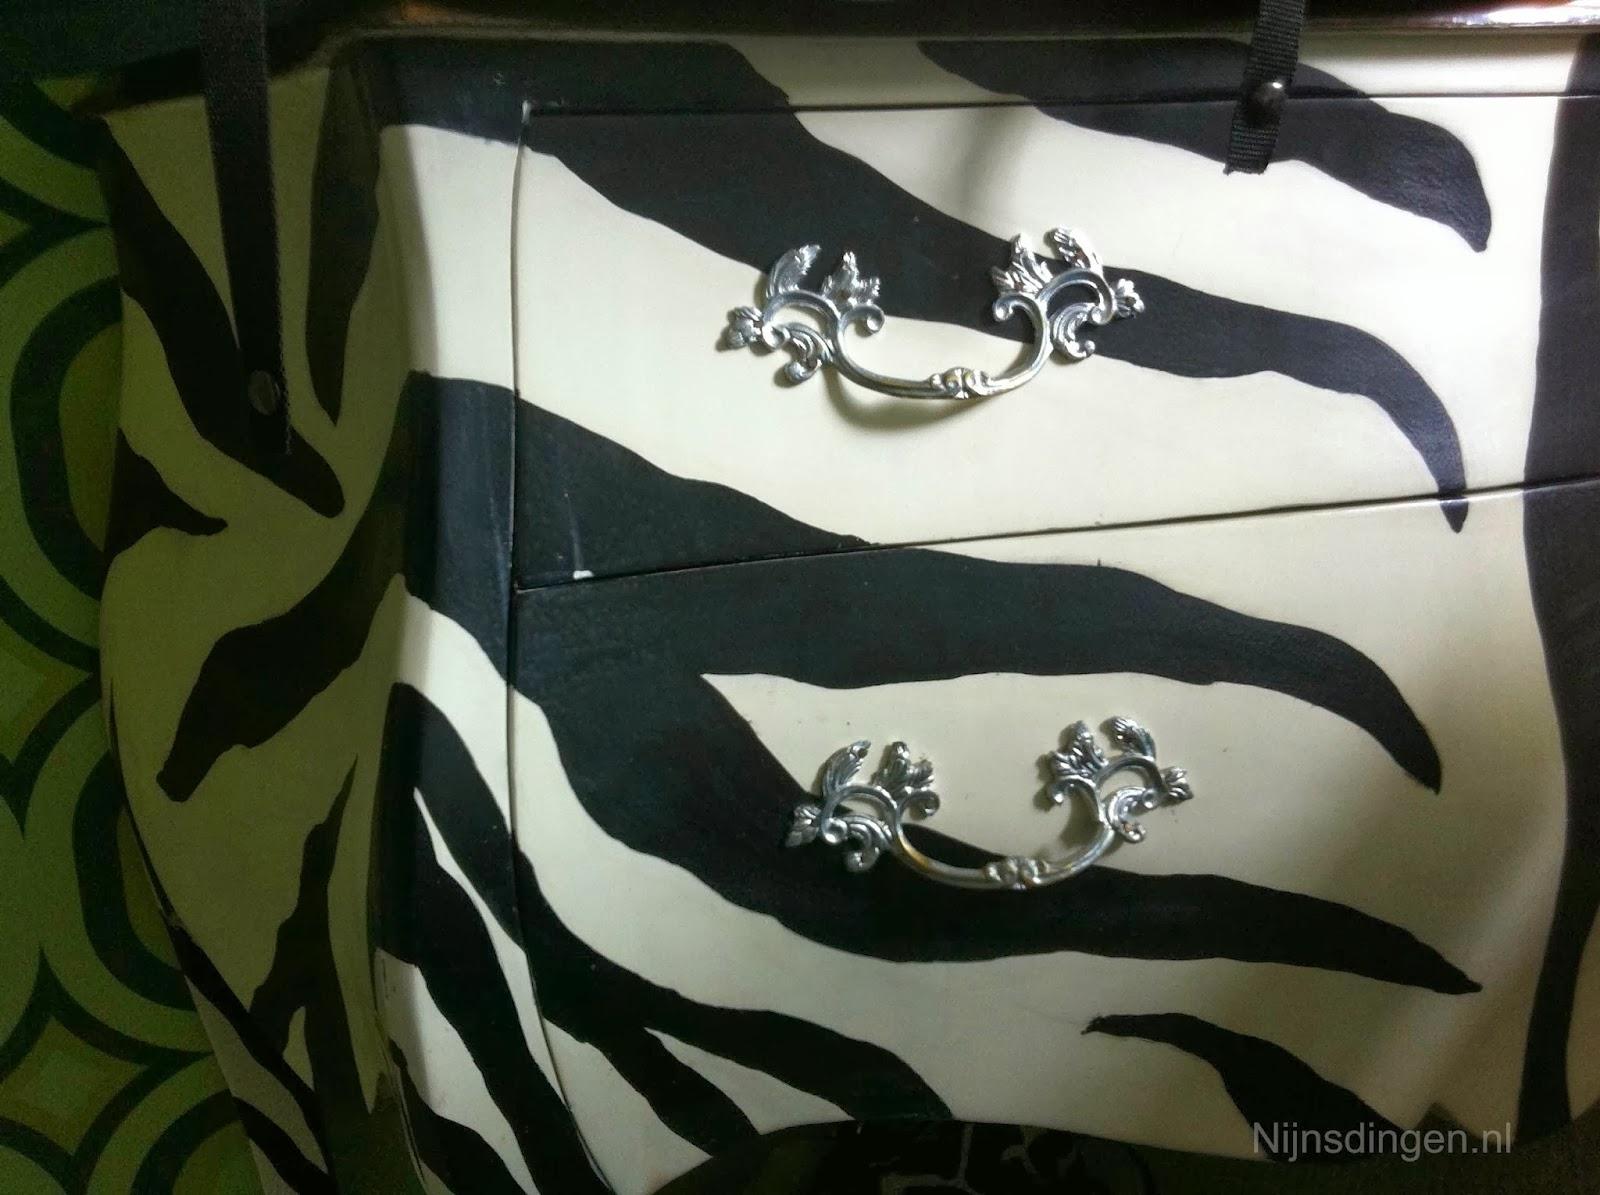 buikkast in zebramotief